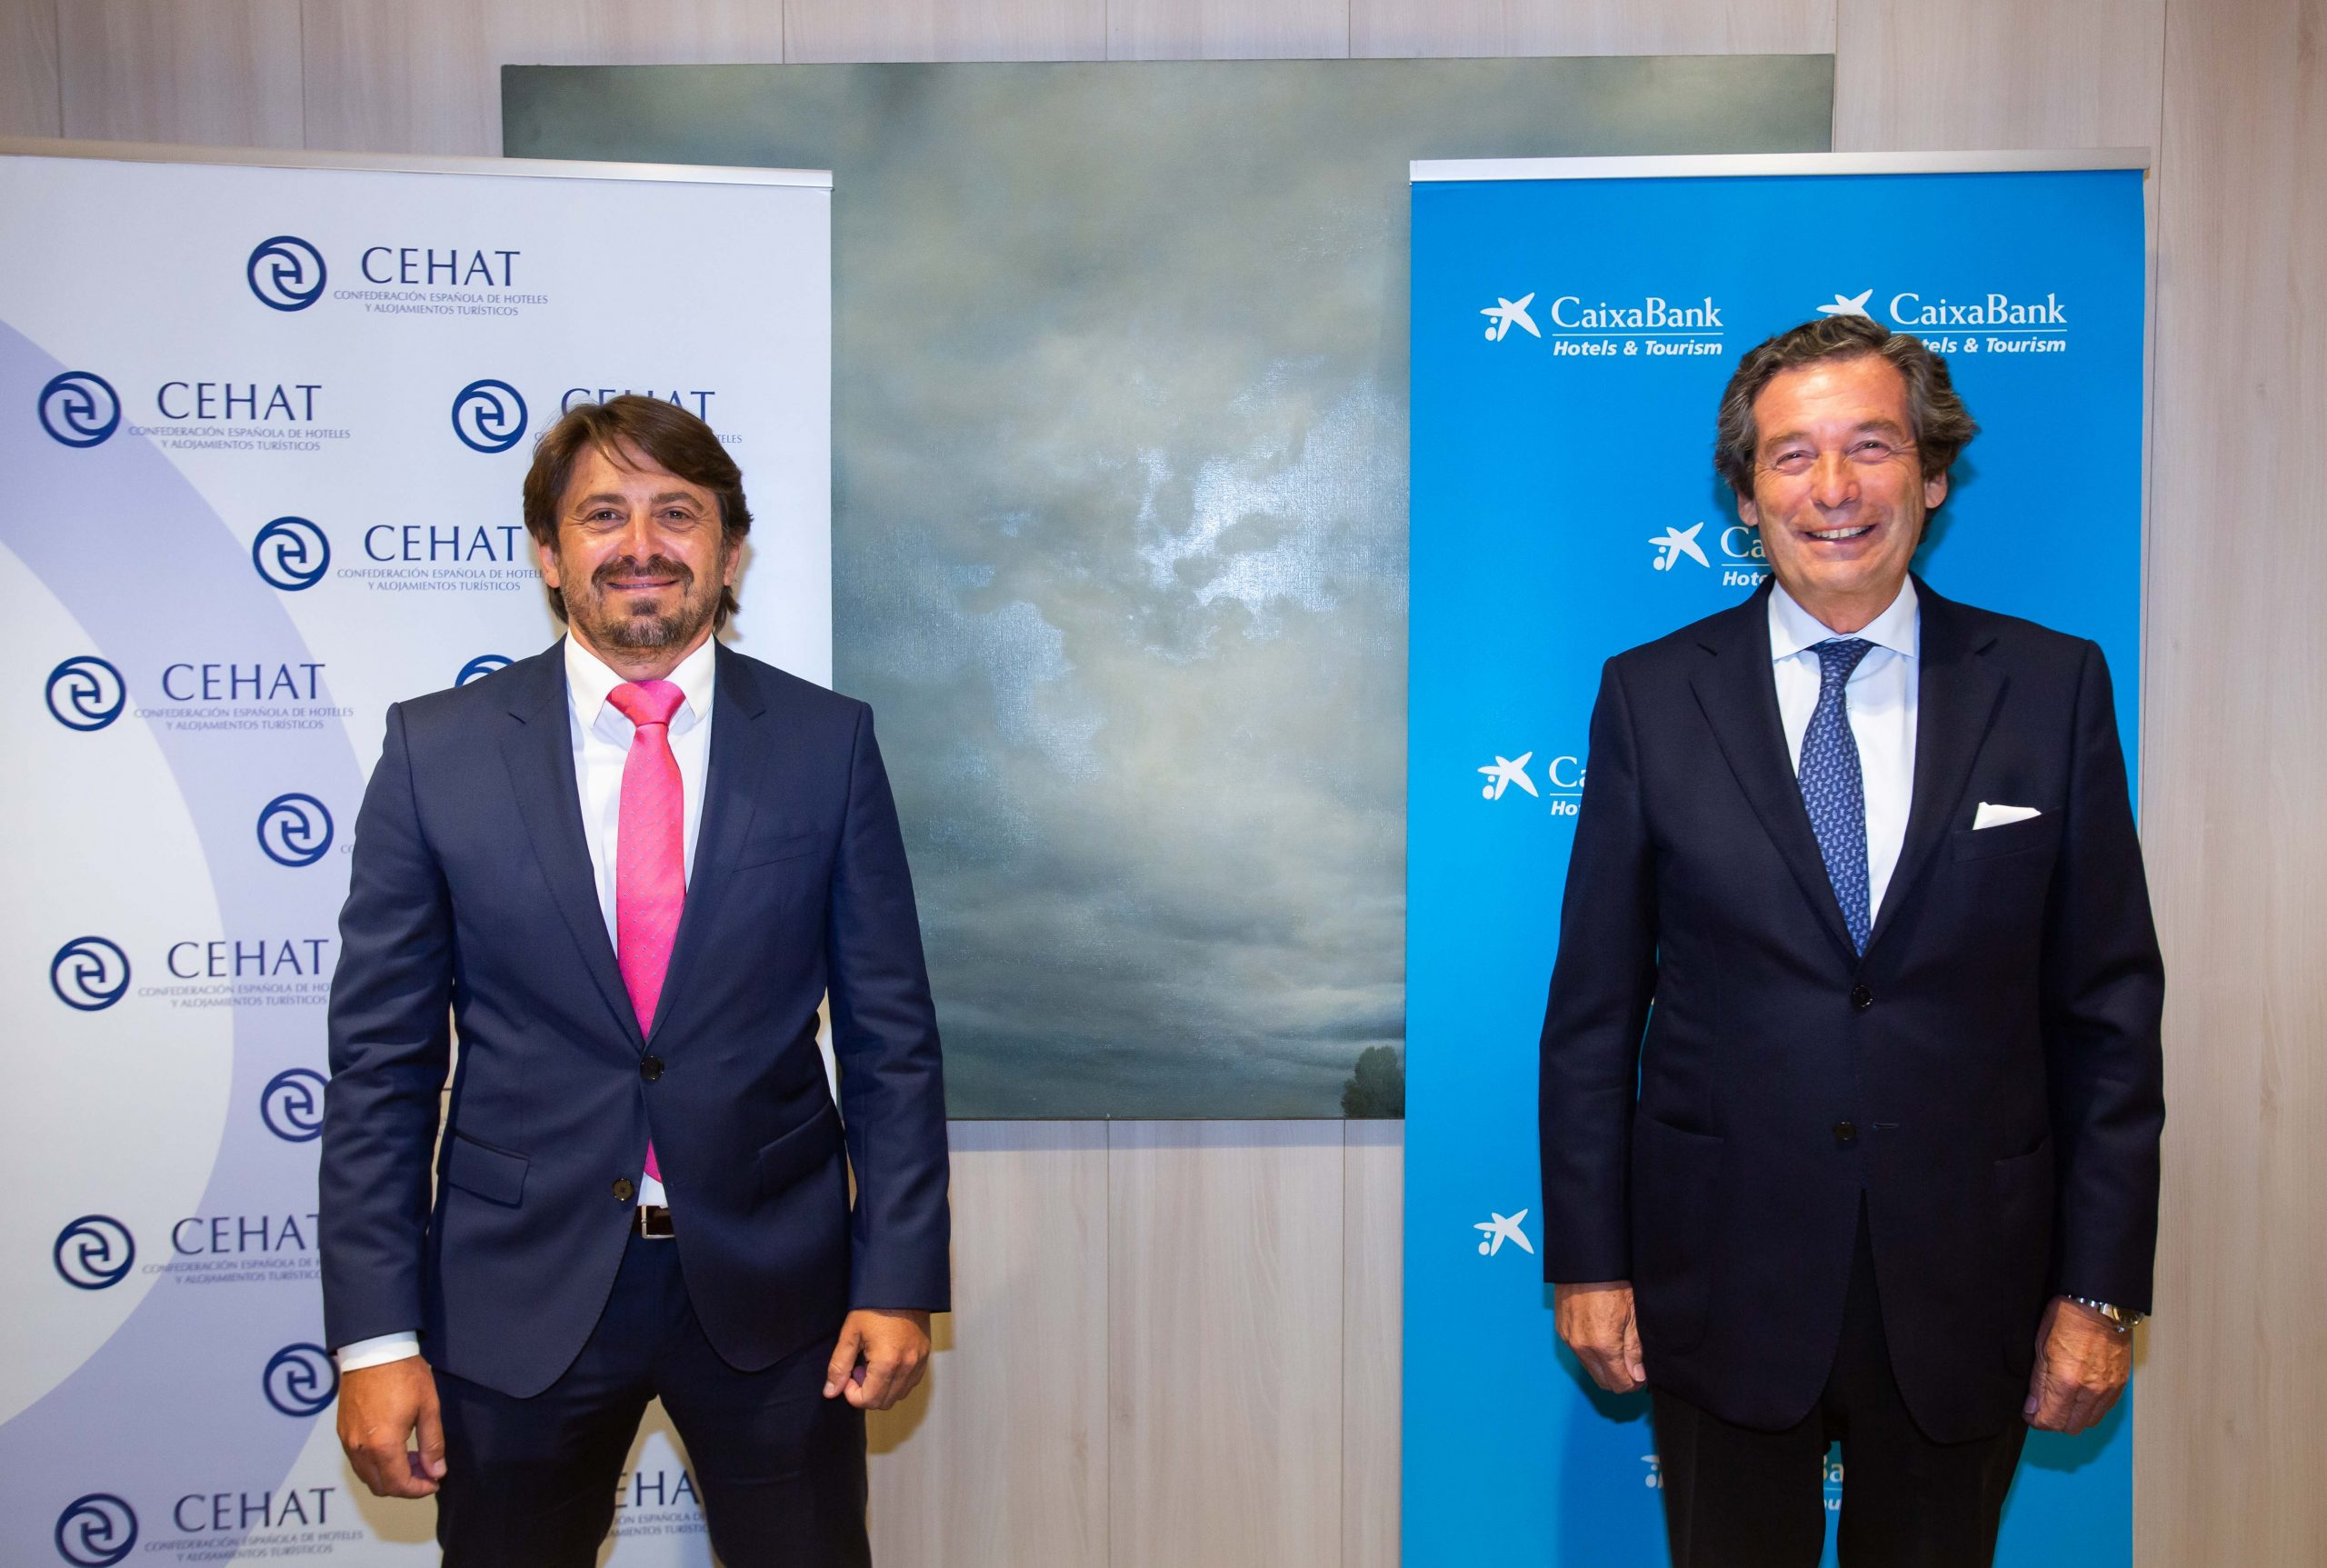 Jorge Marichal, presidente de CEHAT, y Luis Cabanas, director de Banca de Empresas de CaixaBank